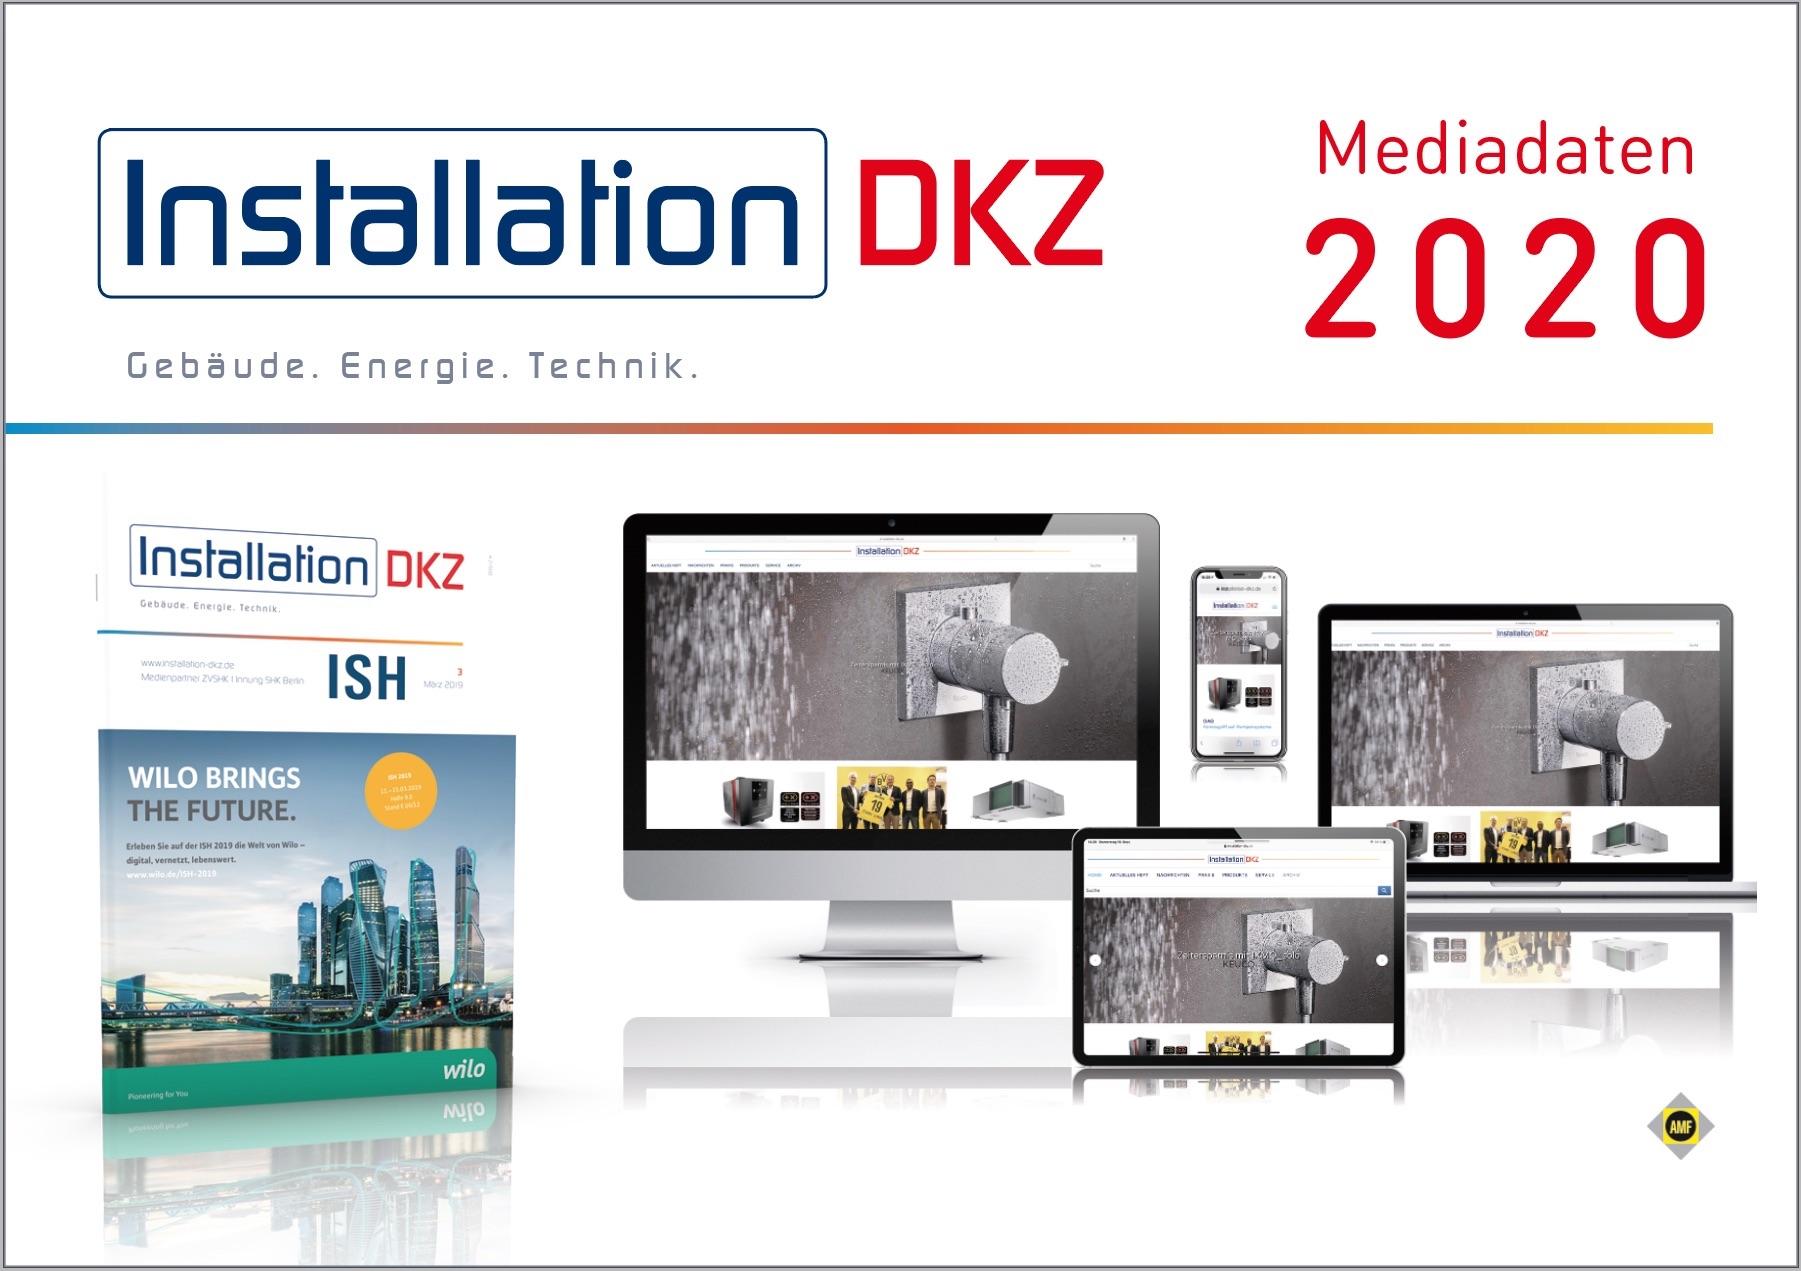 Mediadaten Installation DKZ 2020